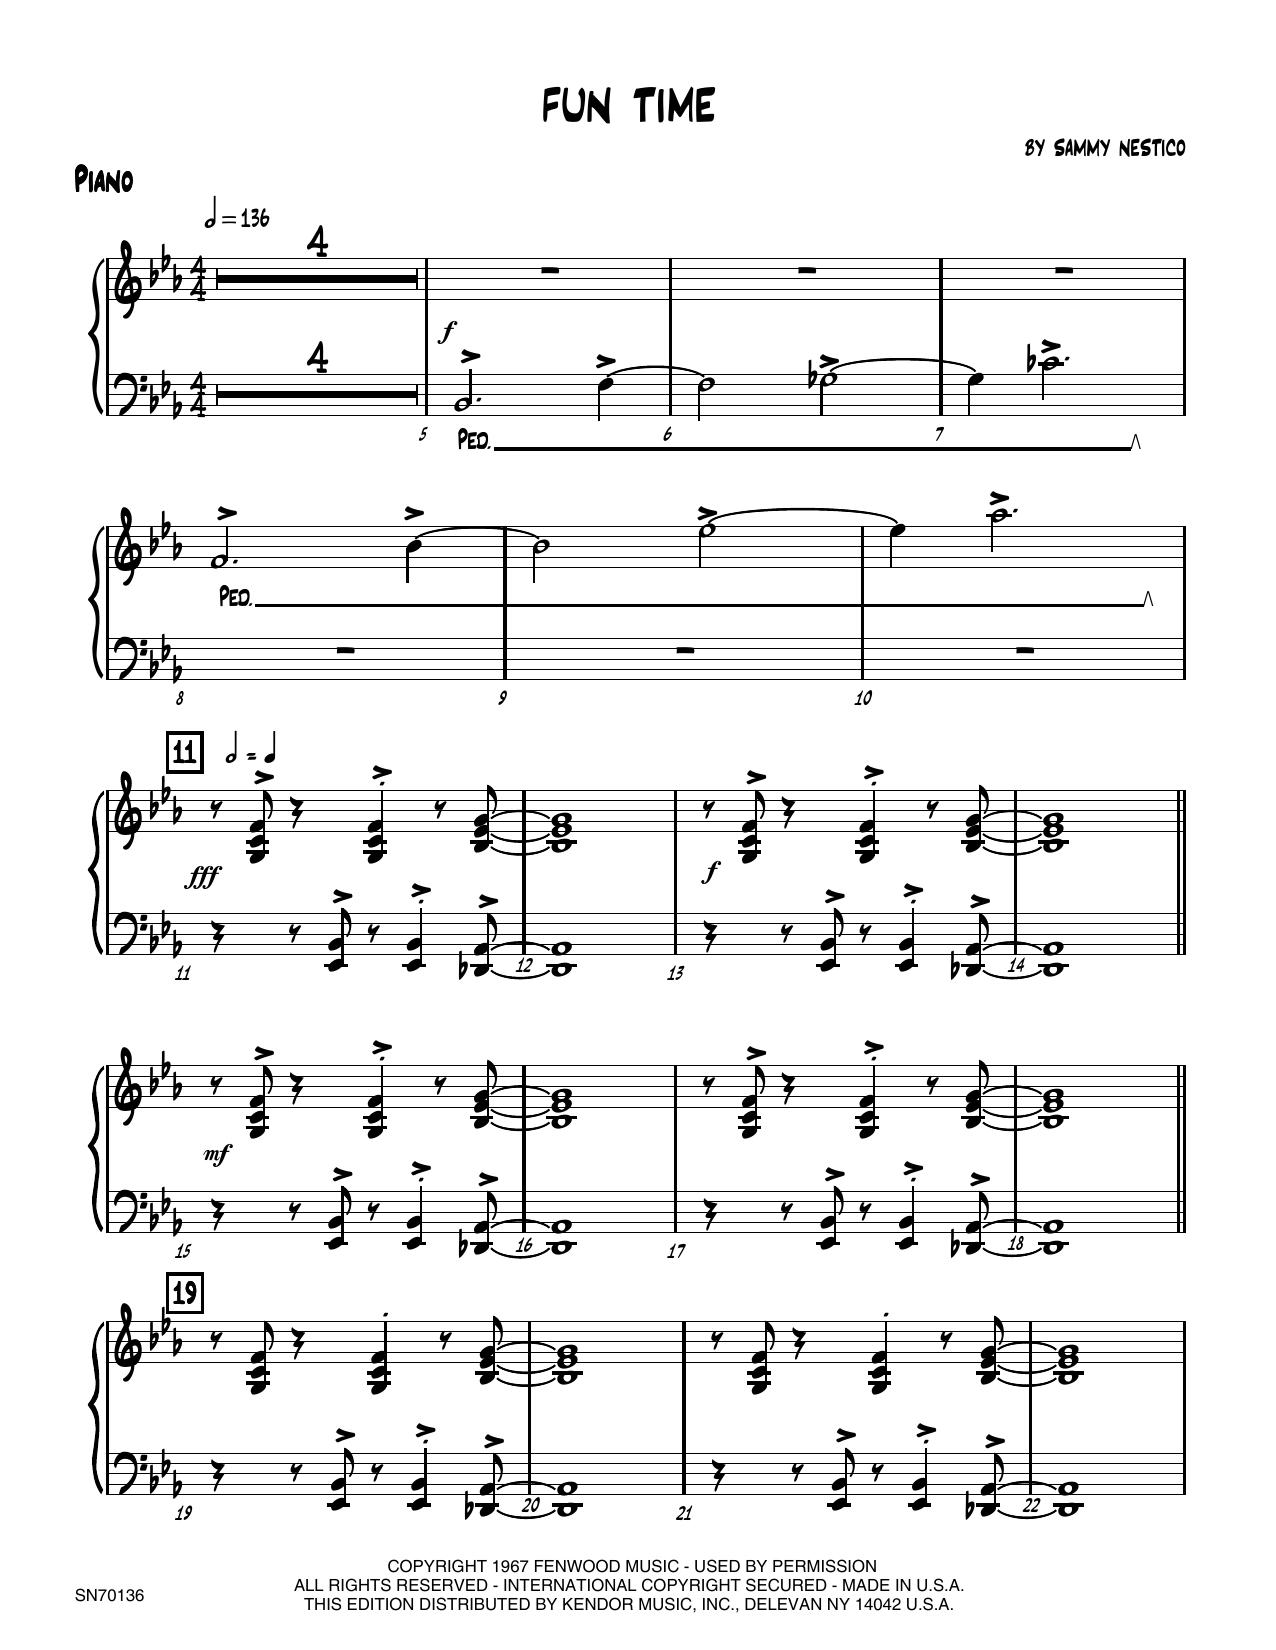 Fun Time - Piano Sheet Music